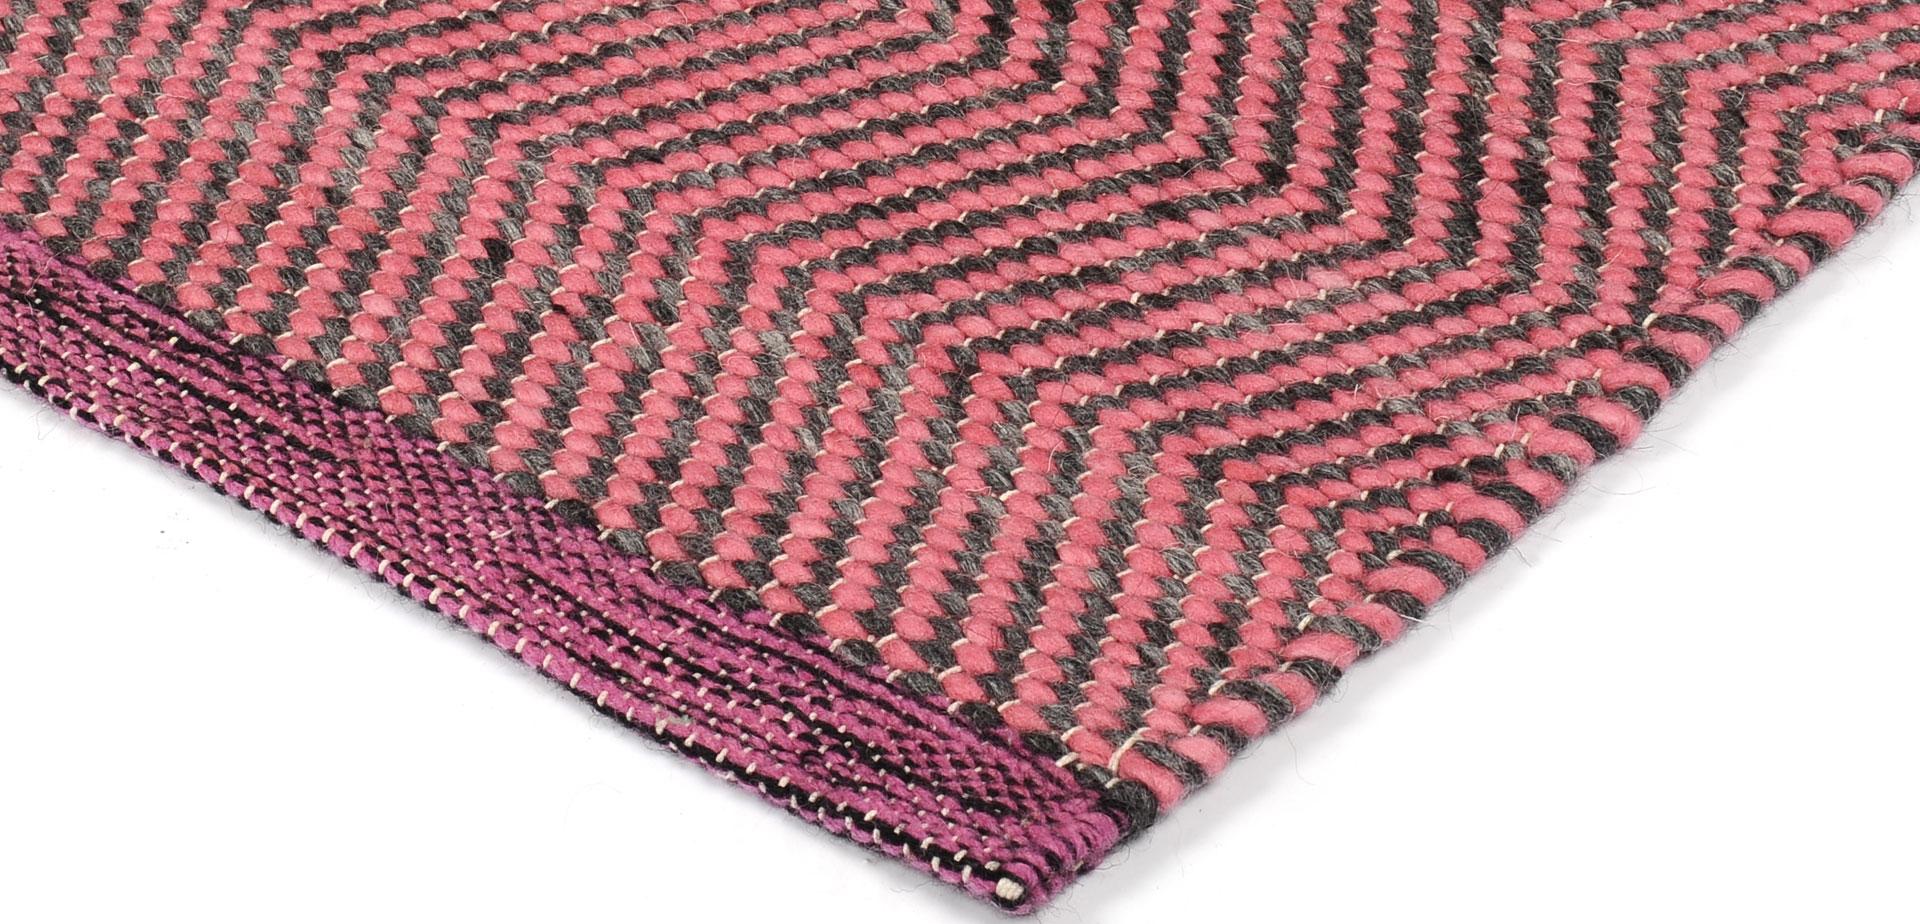 covor-3176-pink.jpg